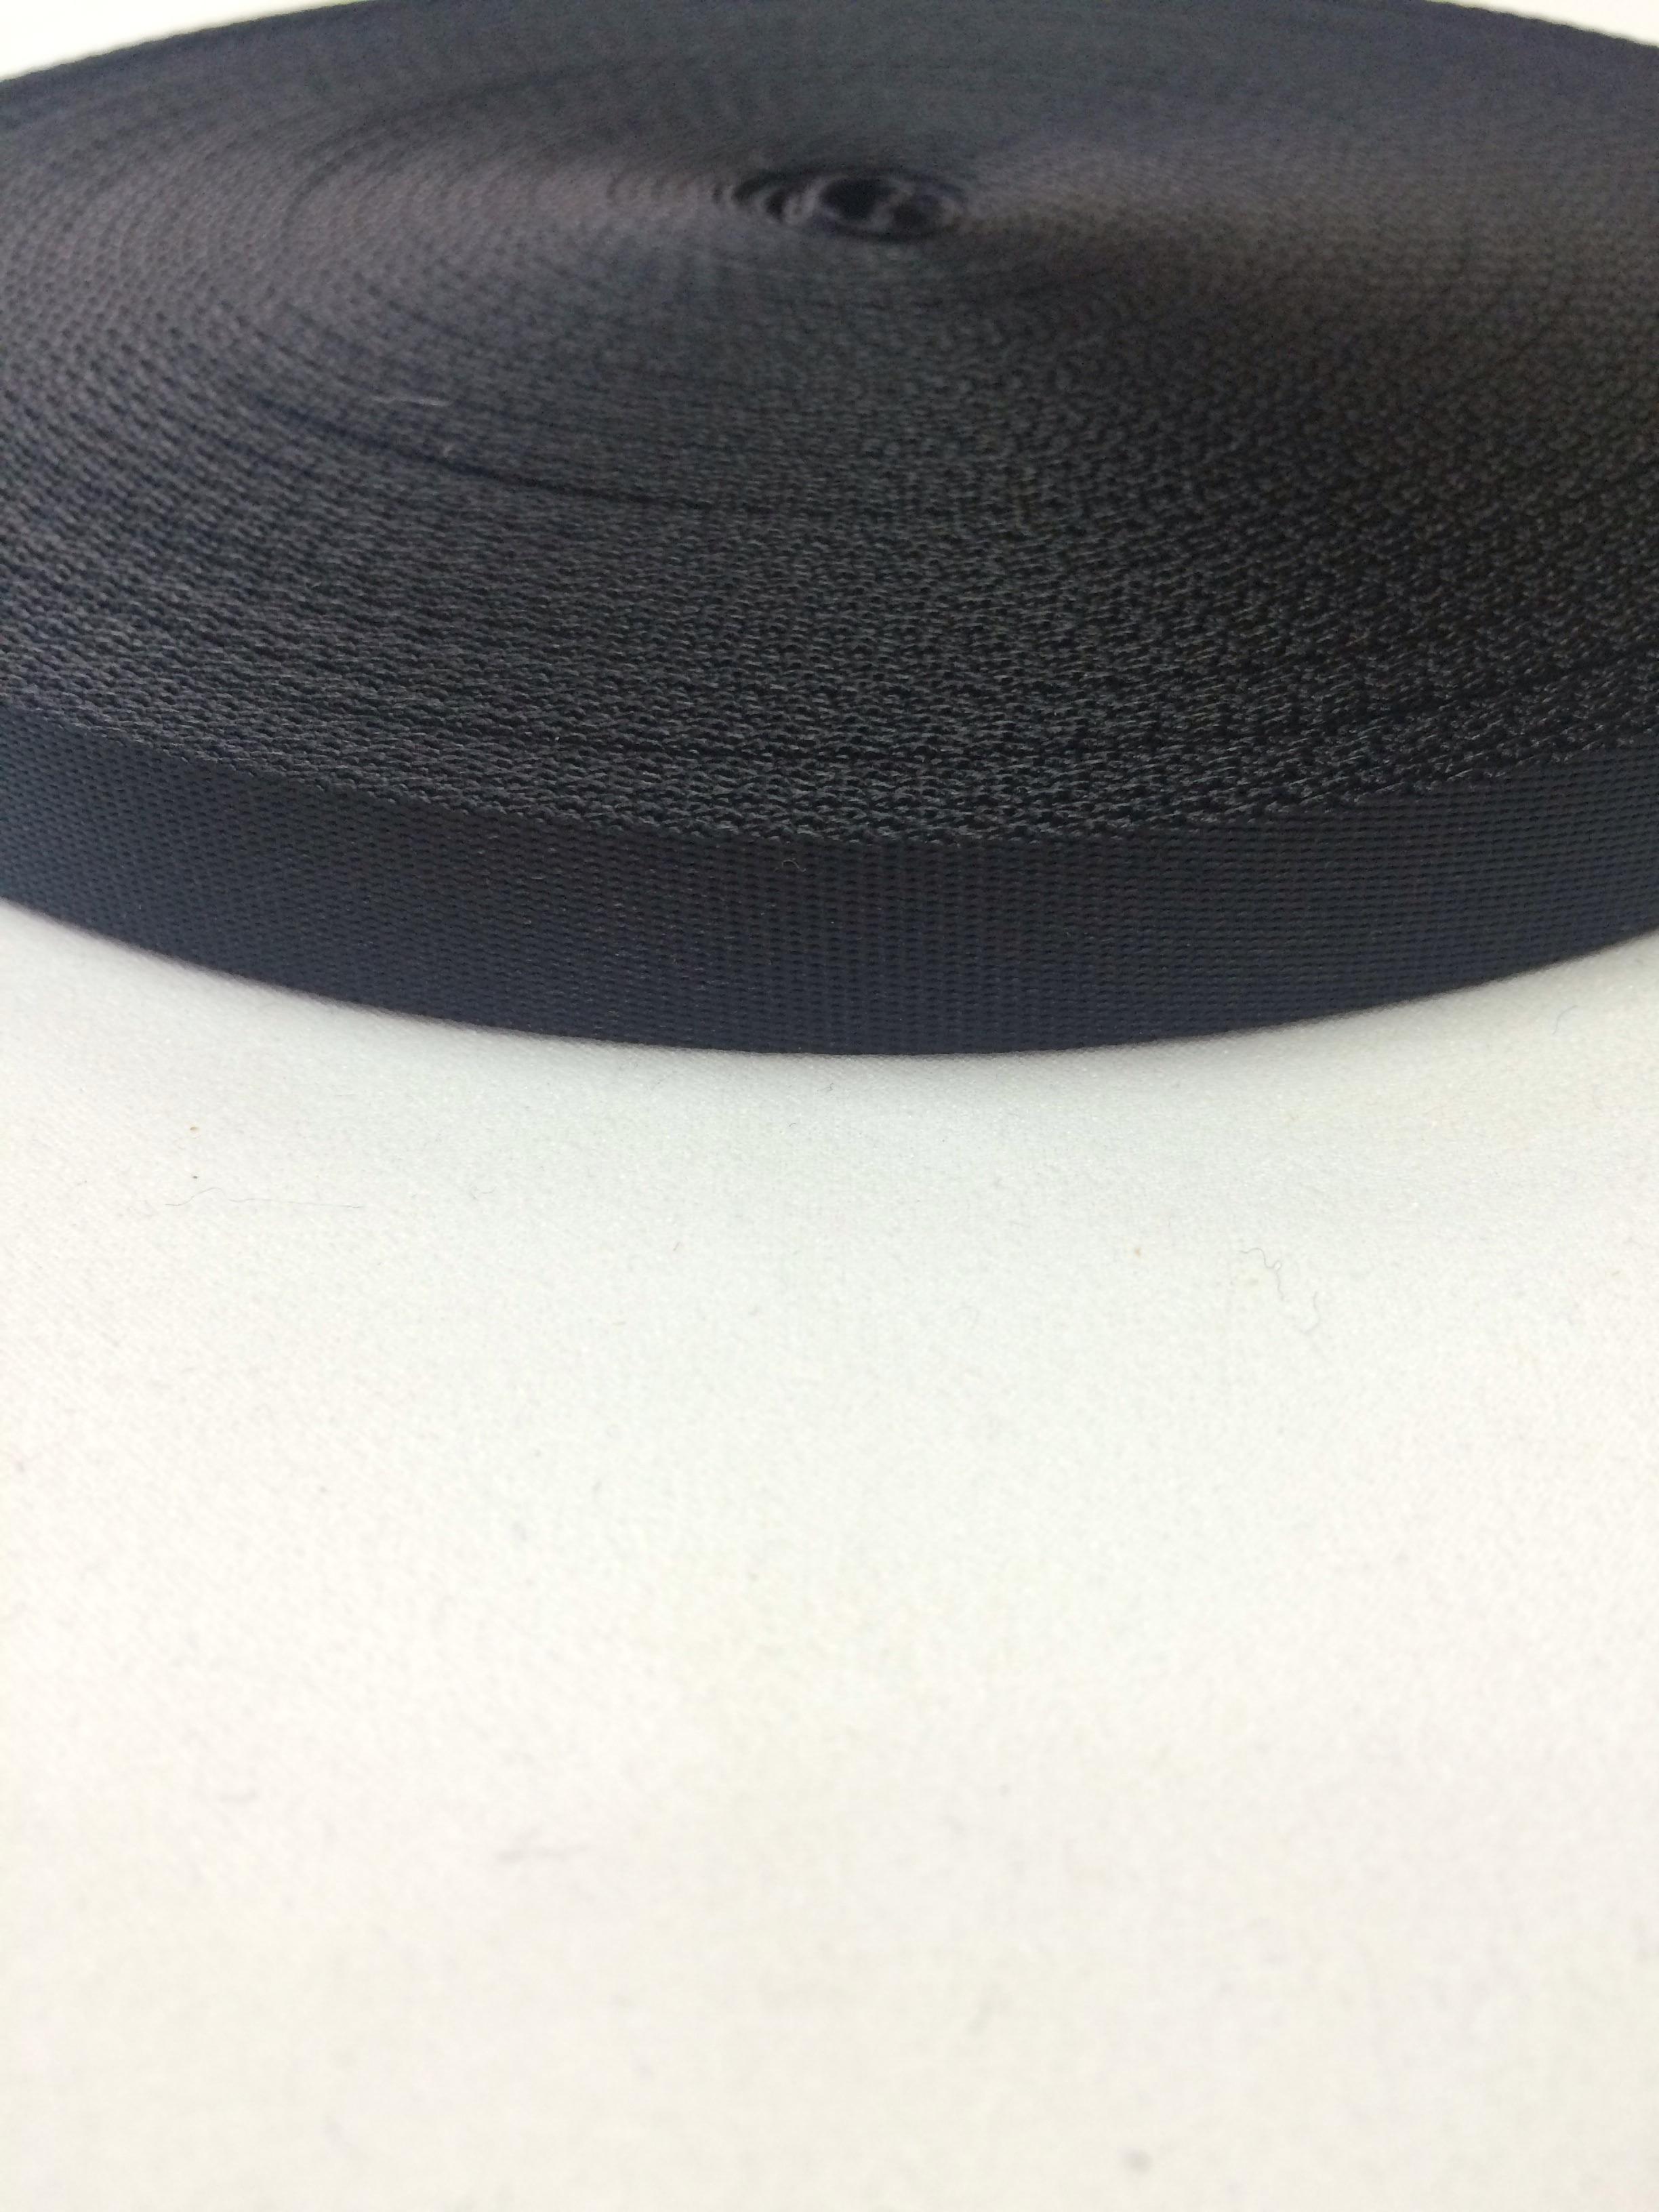 ナイロン  流綾織  20mm幅  1.1mm厚 黒  1m